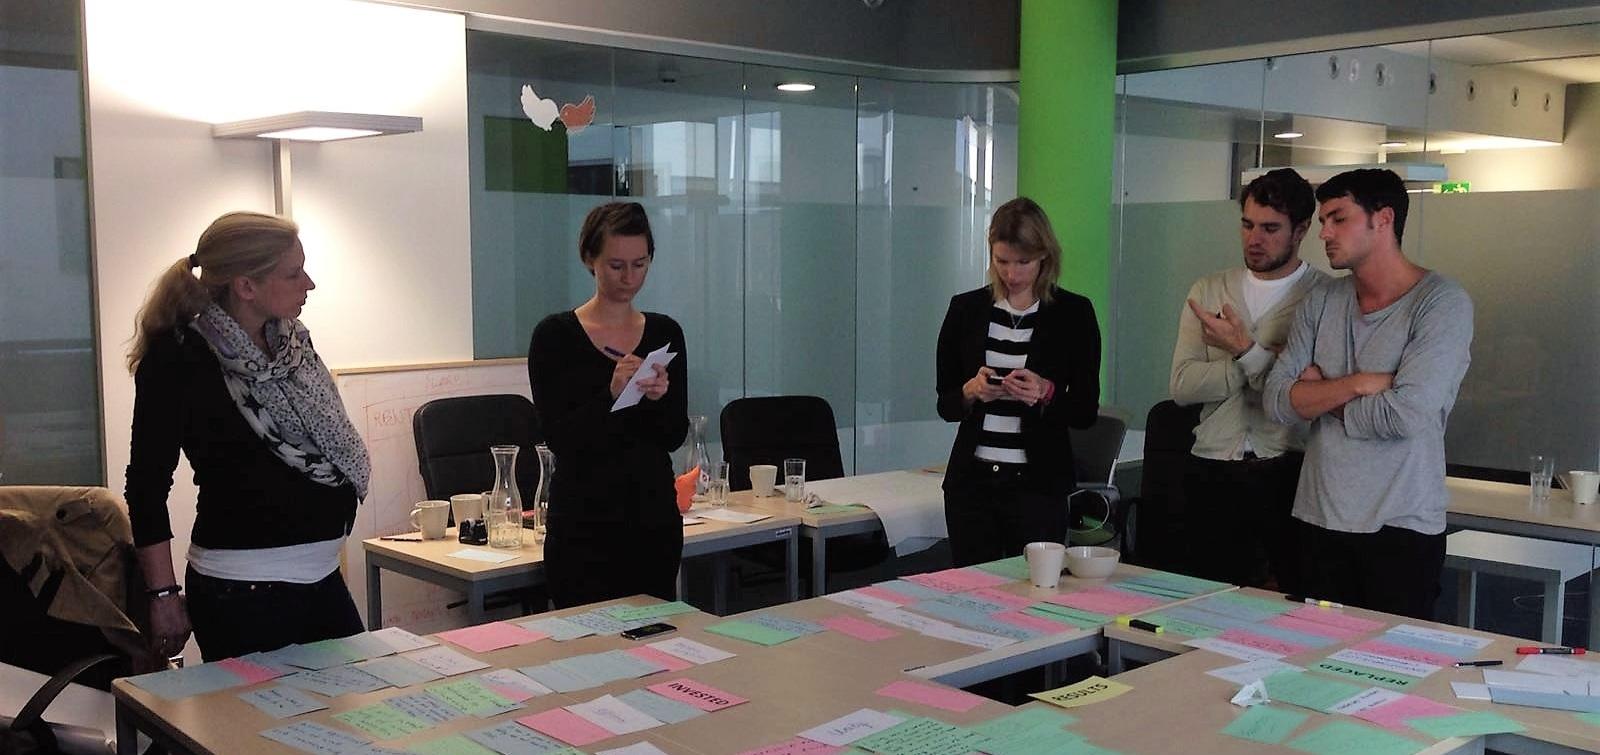 New Work Führungskultur entwickeln